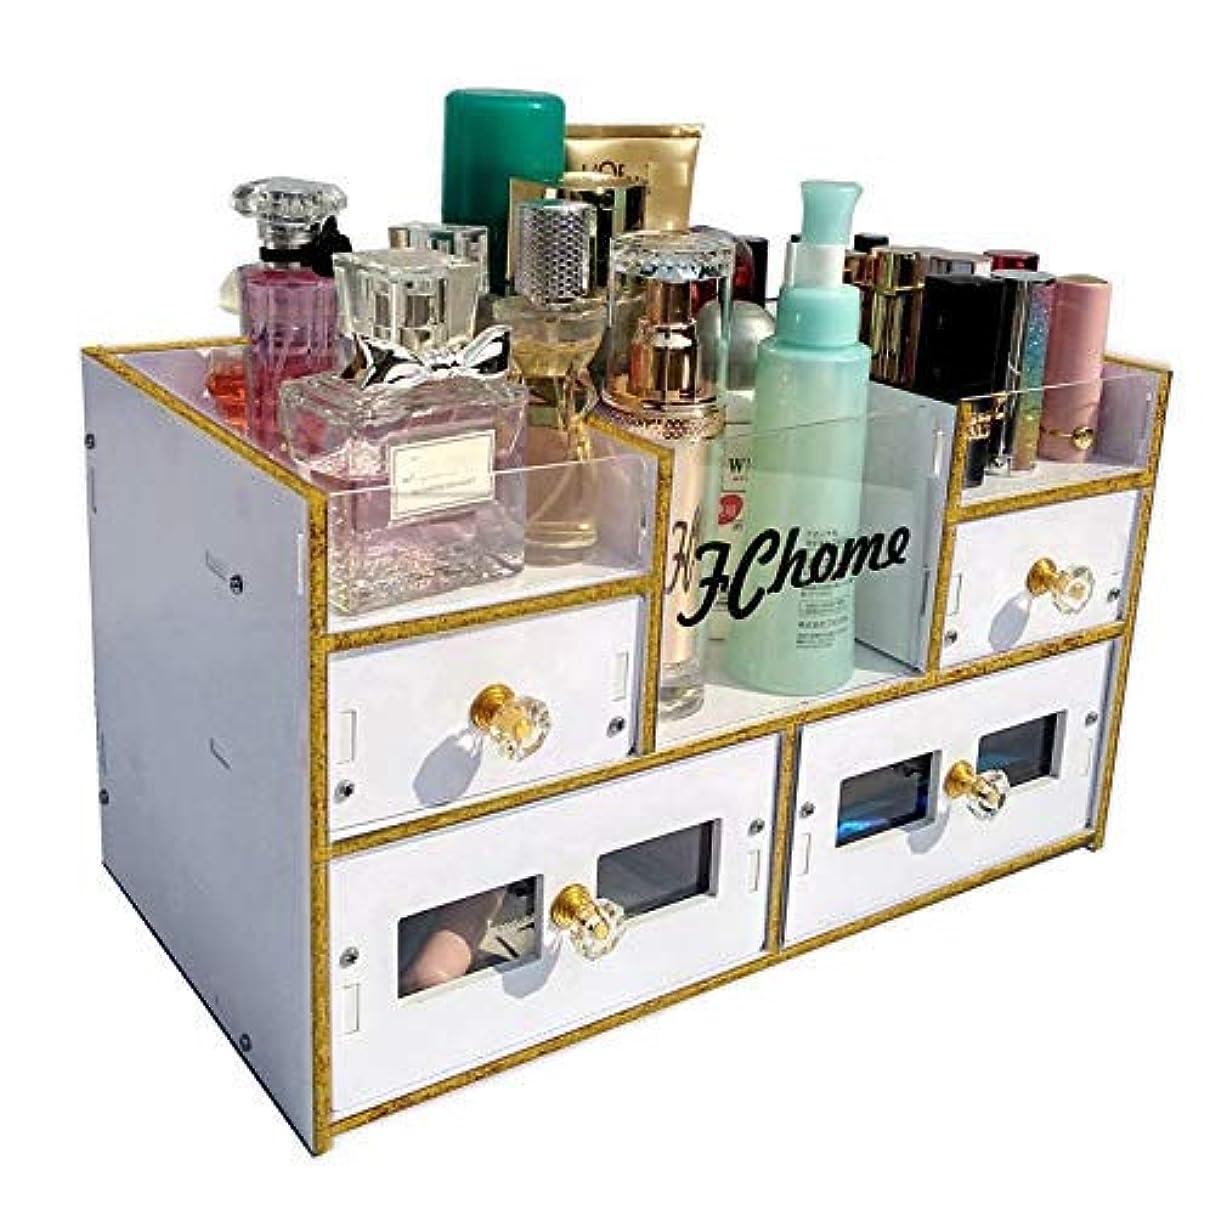 著作権長さ確かなFChome化粧オーガナイザー、4引き出しアクリルおよびPVC化粧品収納ケースジュエリー、化粧ブラシ、口紅などの大容量多機能収納コンテナボックス(ゴールド)